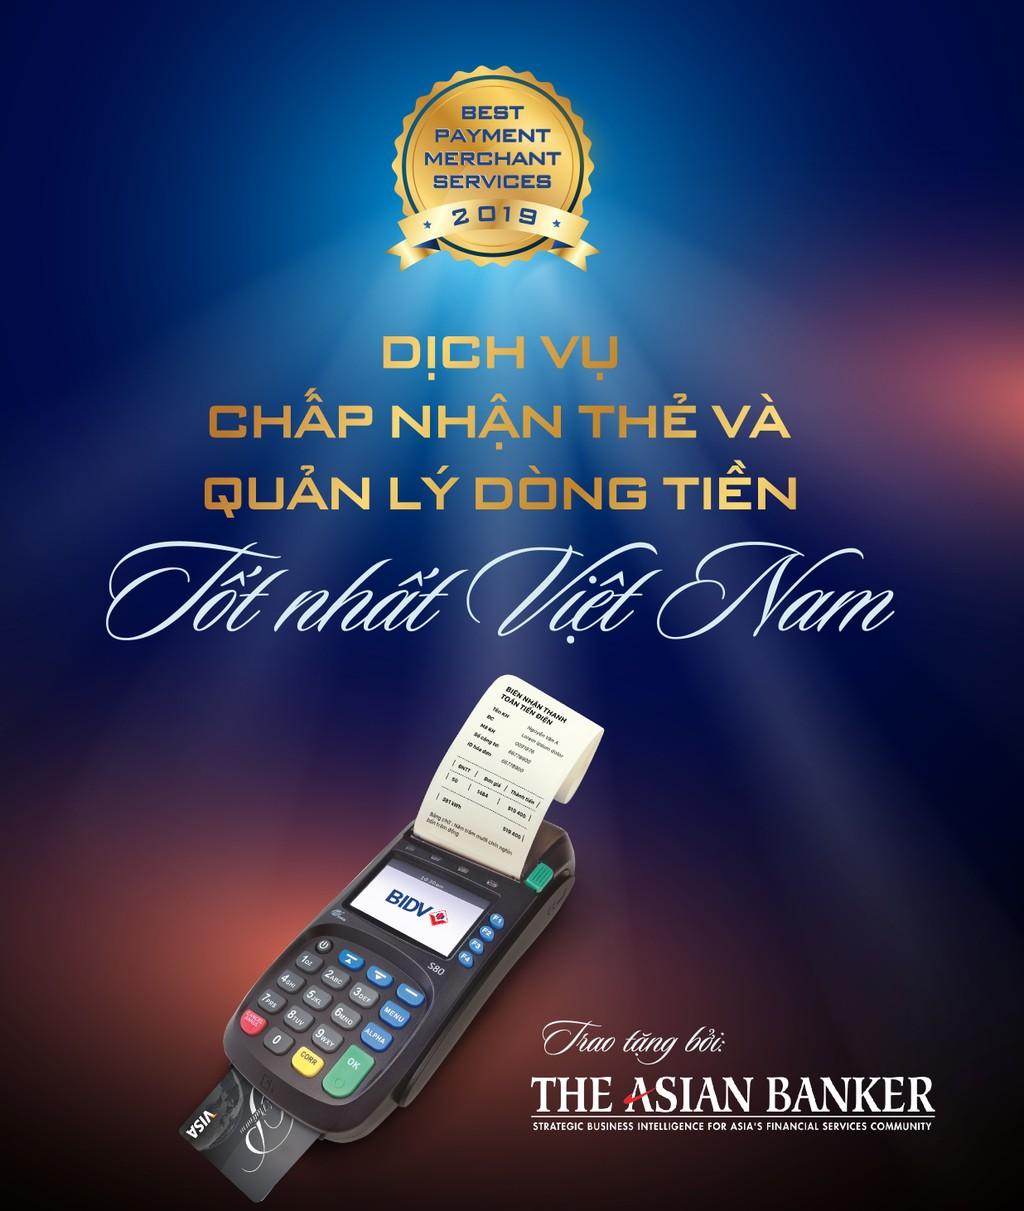 """BIDV nhận giải thưởng """"Ngân hàng có dịch vụ chấp nhận thẻ và quản lý dòng tiền tốt nhất Việt Nam 2019"""" - ảnh 1"""